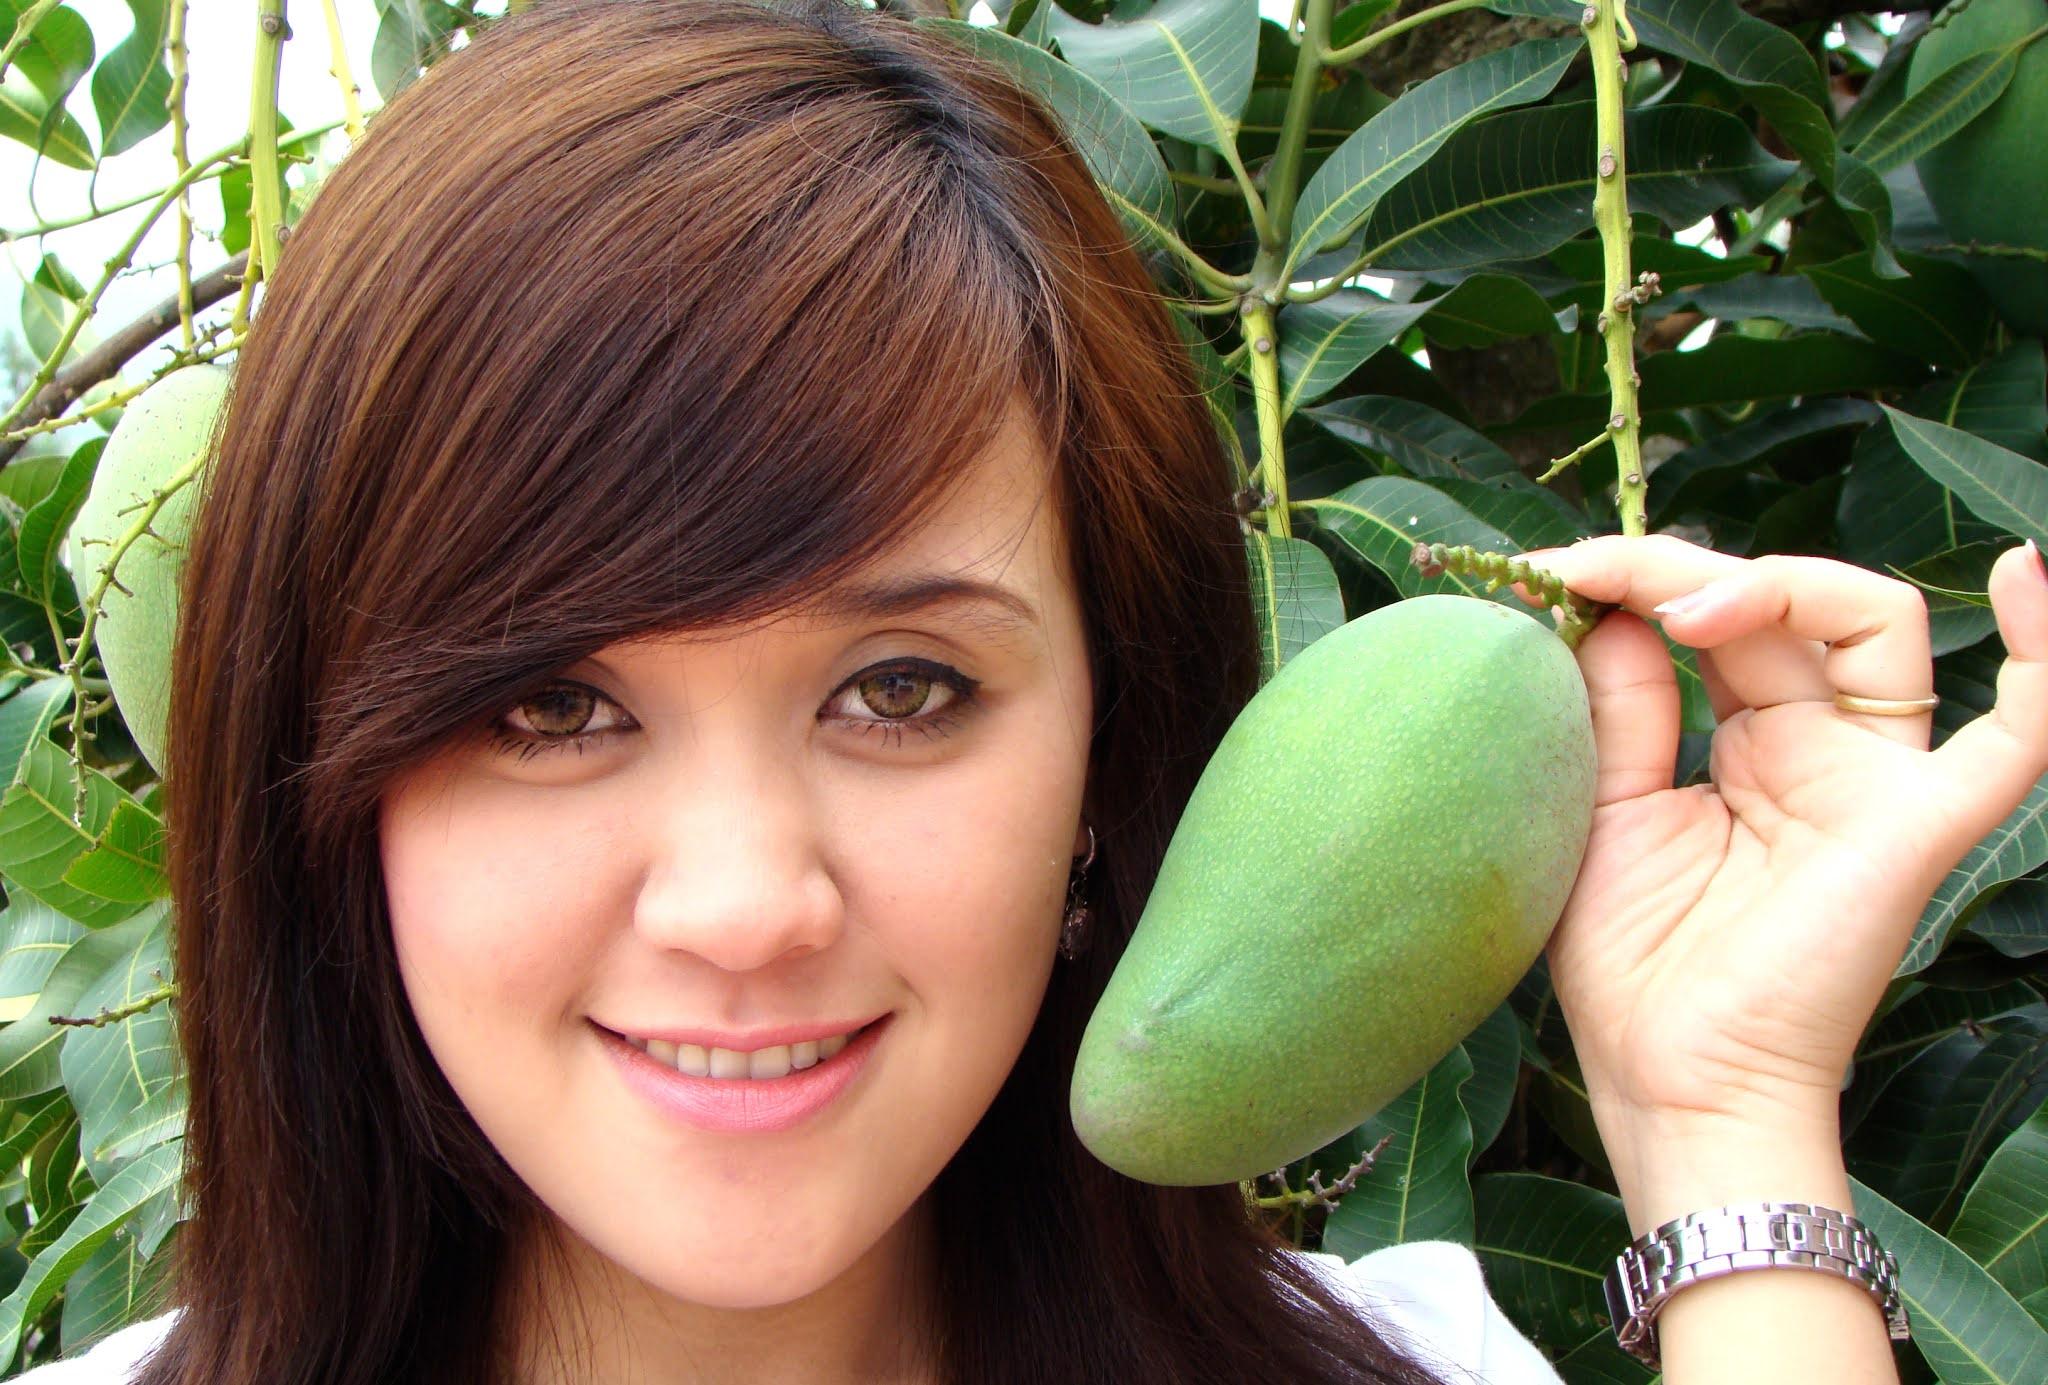 Beragam manfaat buah mangga yang bisa Anda dapatkan